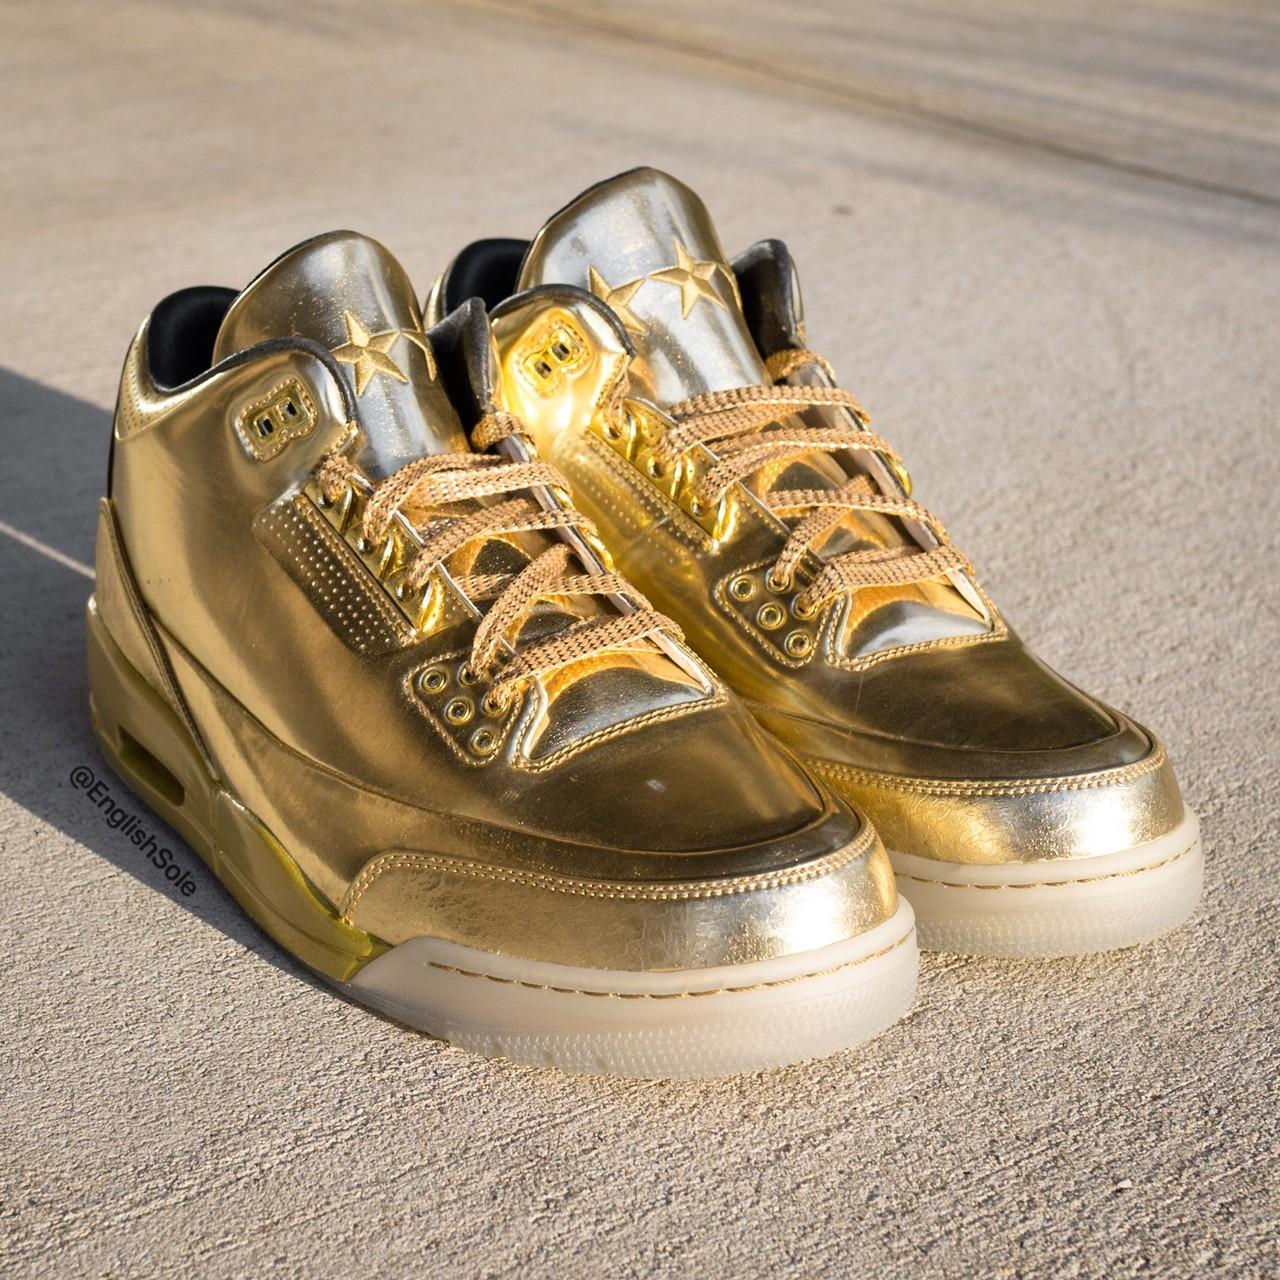 全金配色Air Jordan 3限量发售仅10双